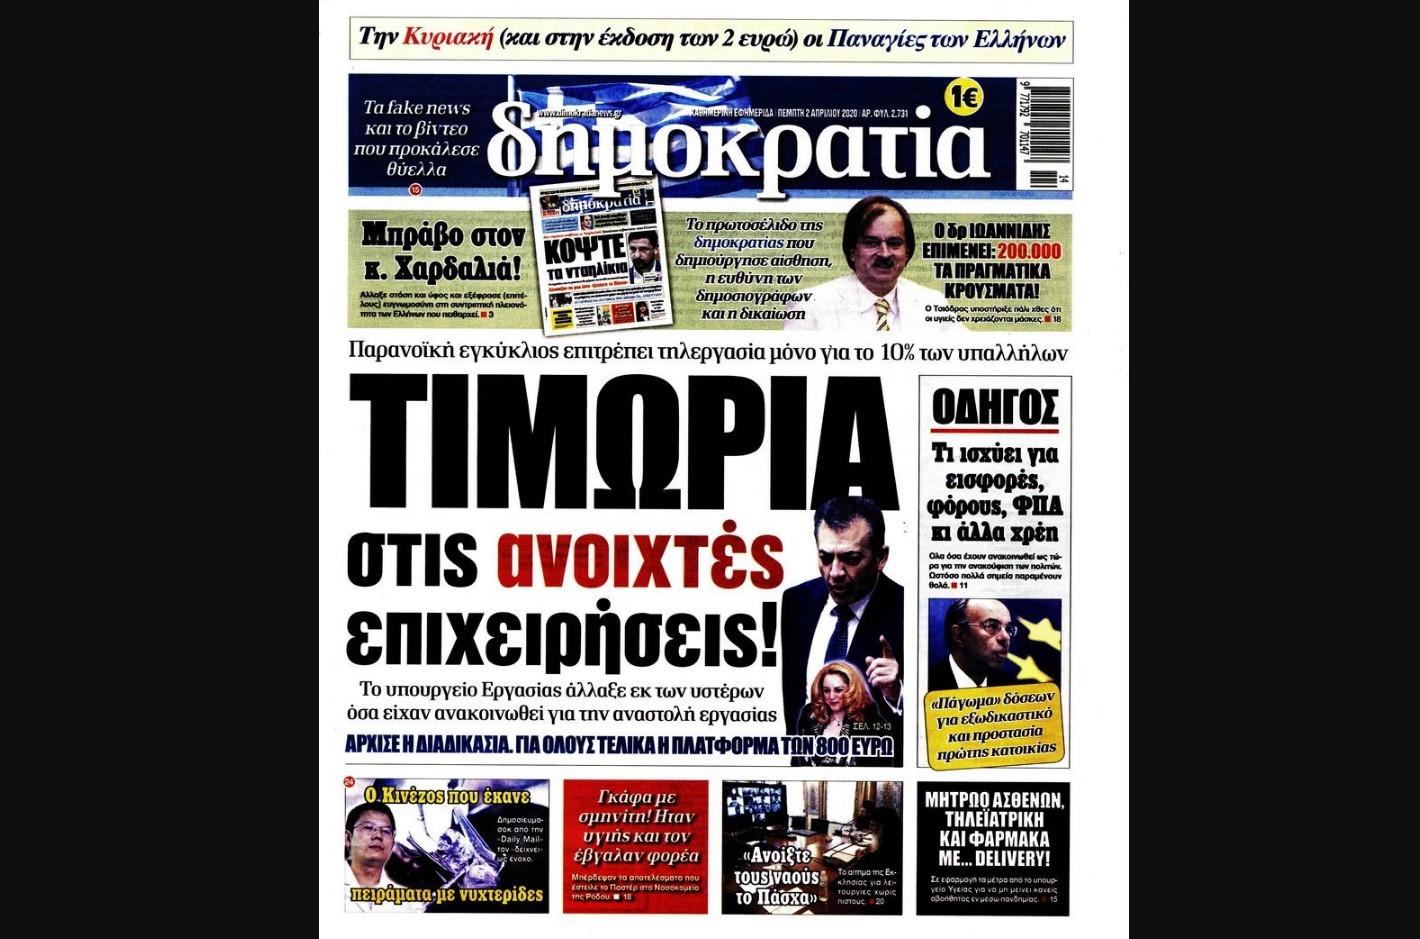 ΠΡΩΤΟΣΕΛΙΔΟ-ΔΗΜΟΚΡΑΤΙΑ-ΚΟΡΩΝΟΙΟΣ